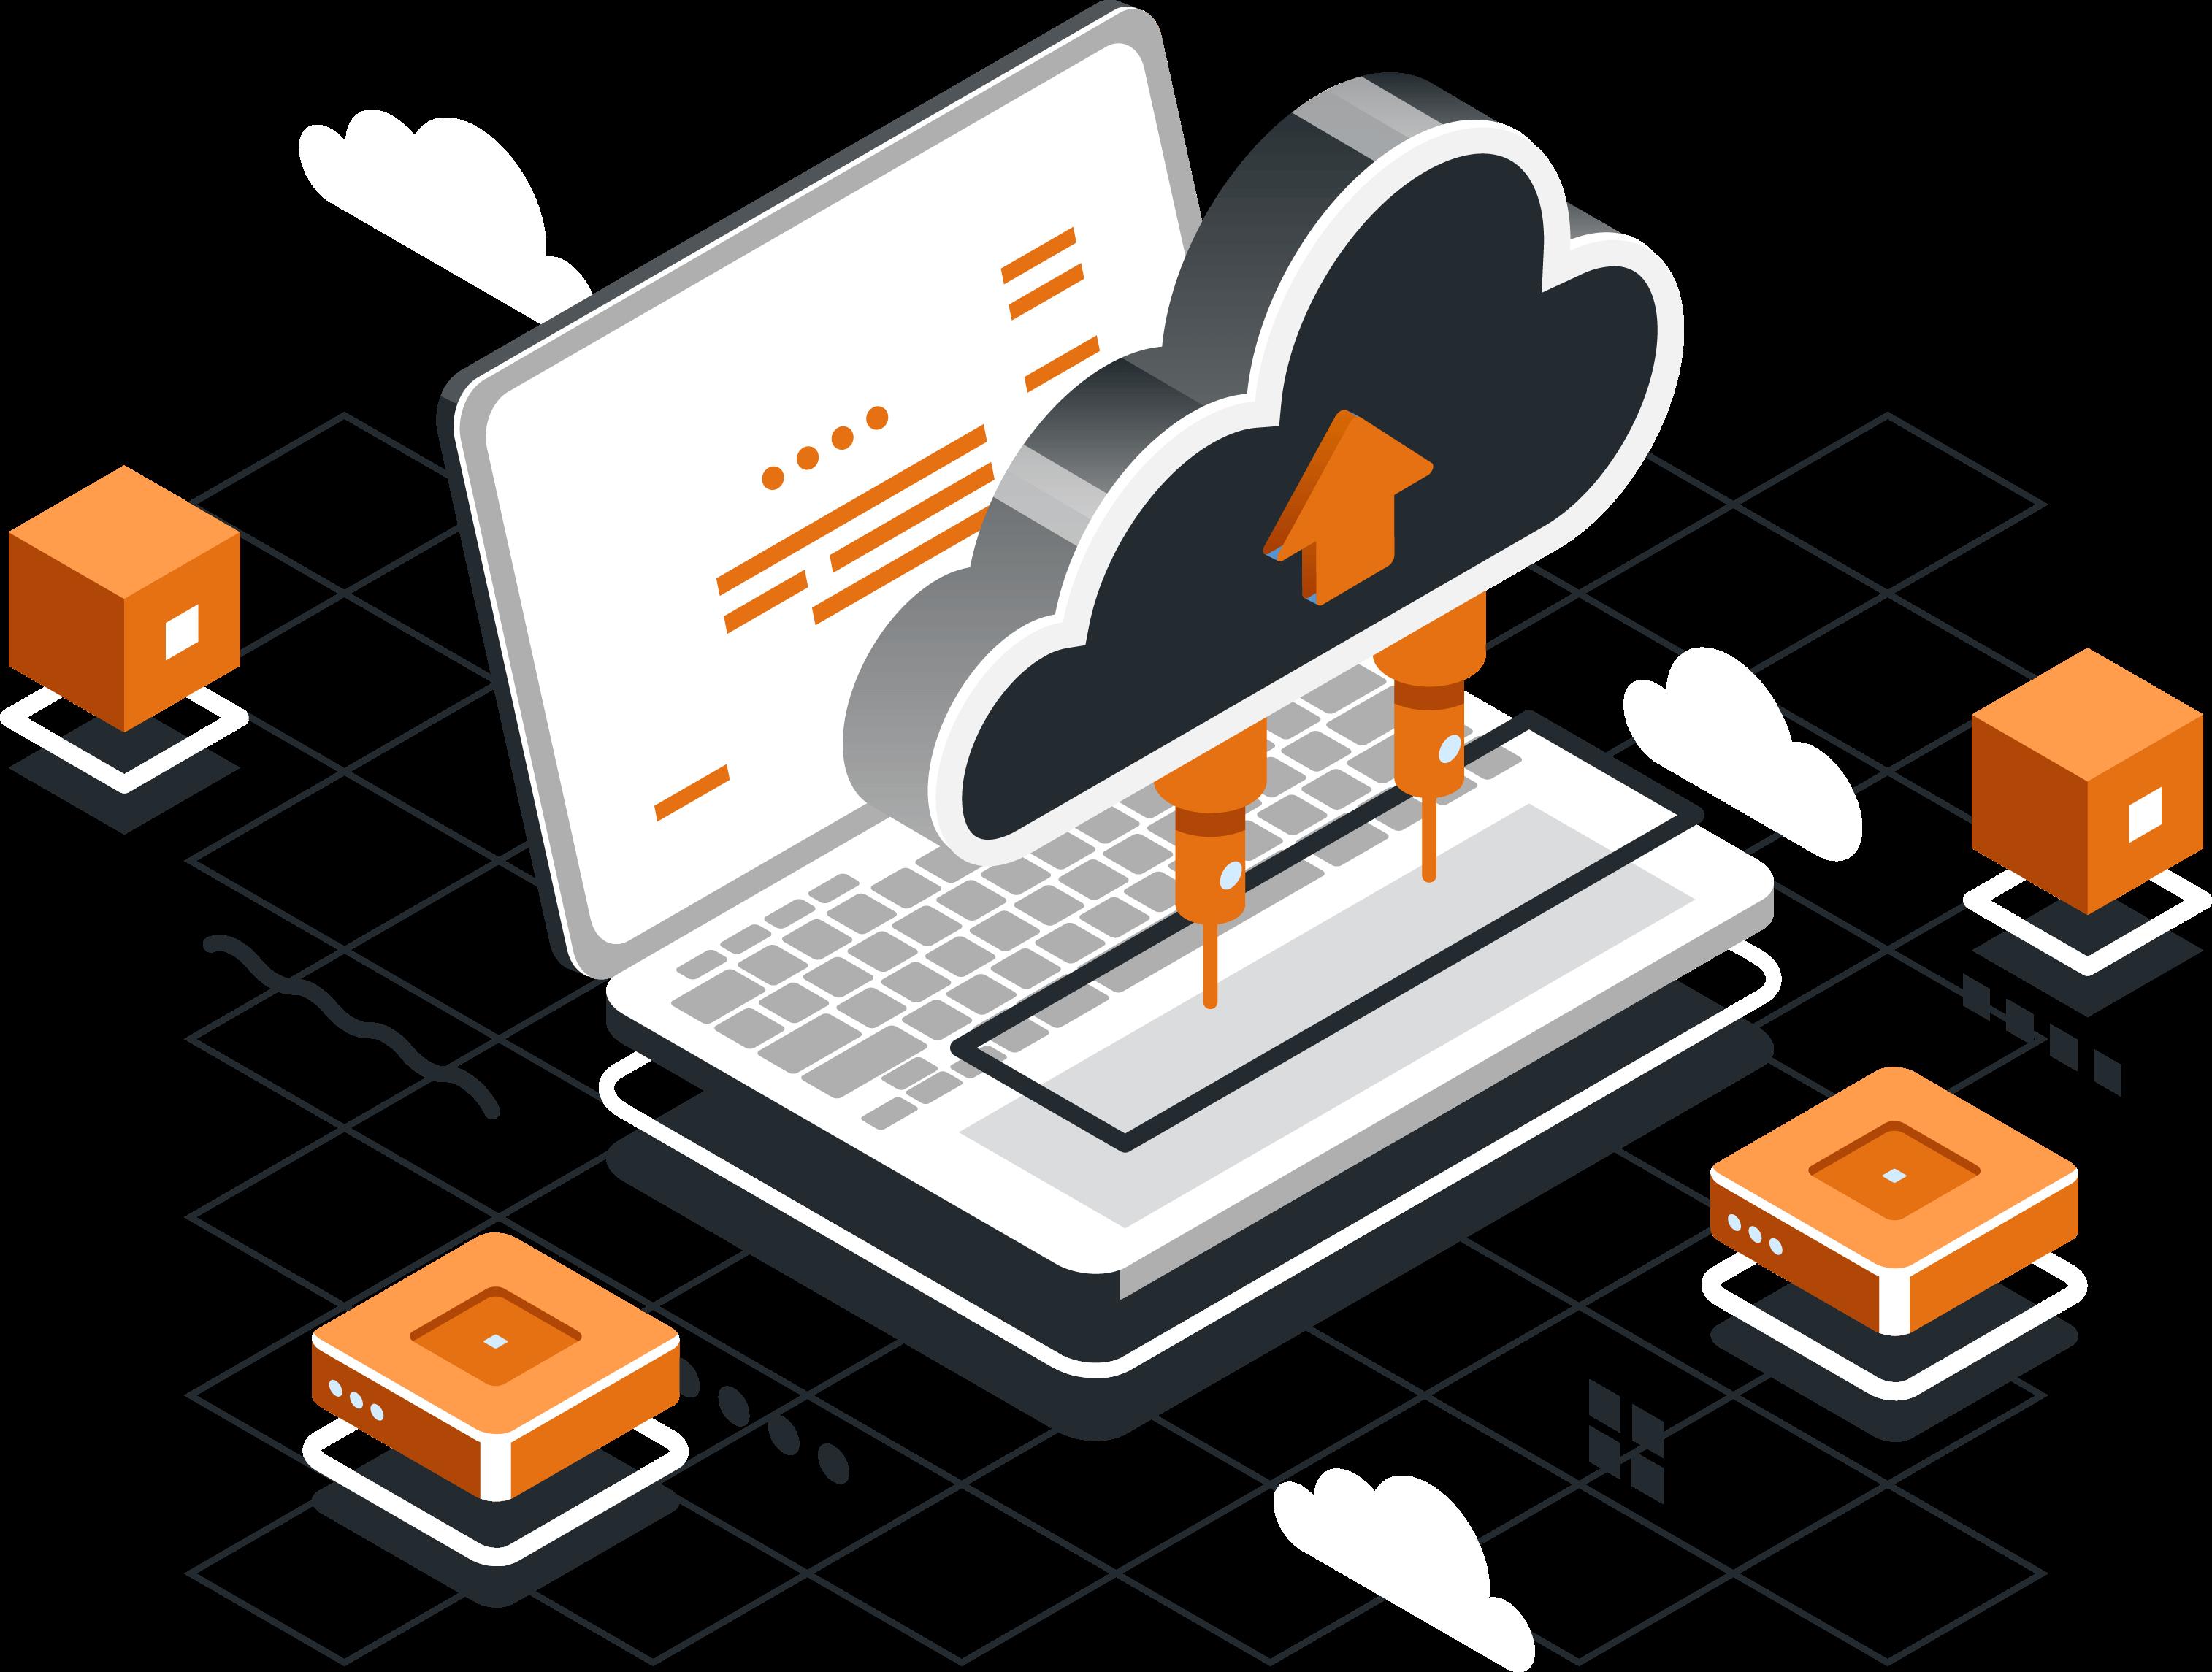 Cloud Hosting PixelMechanics